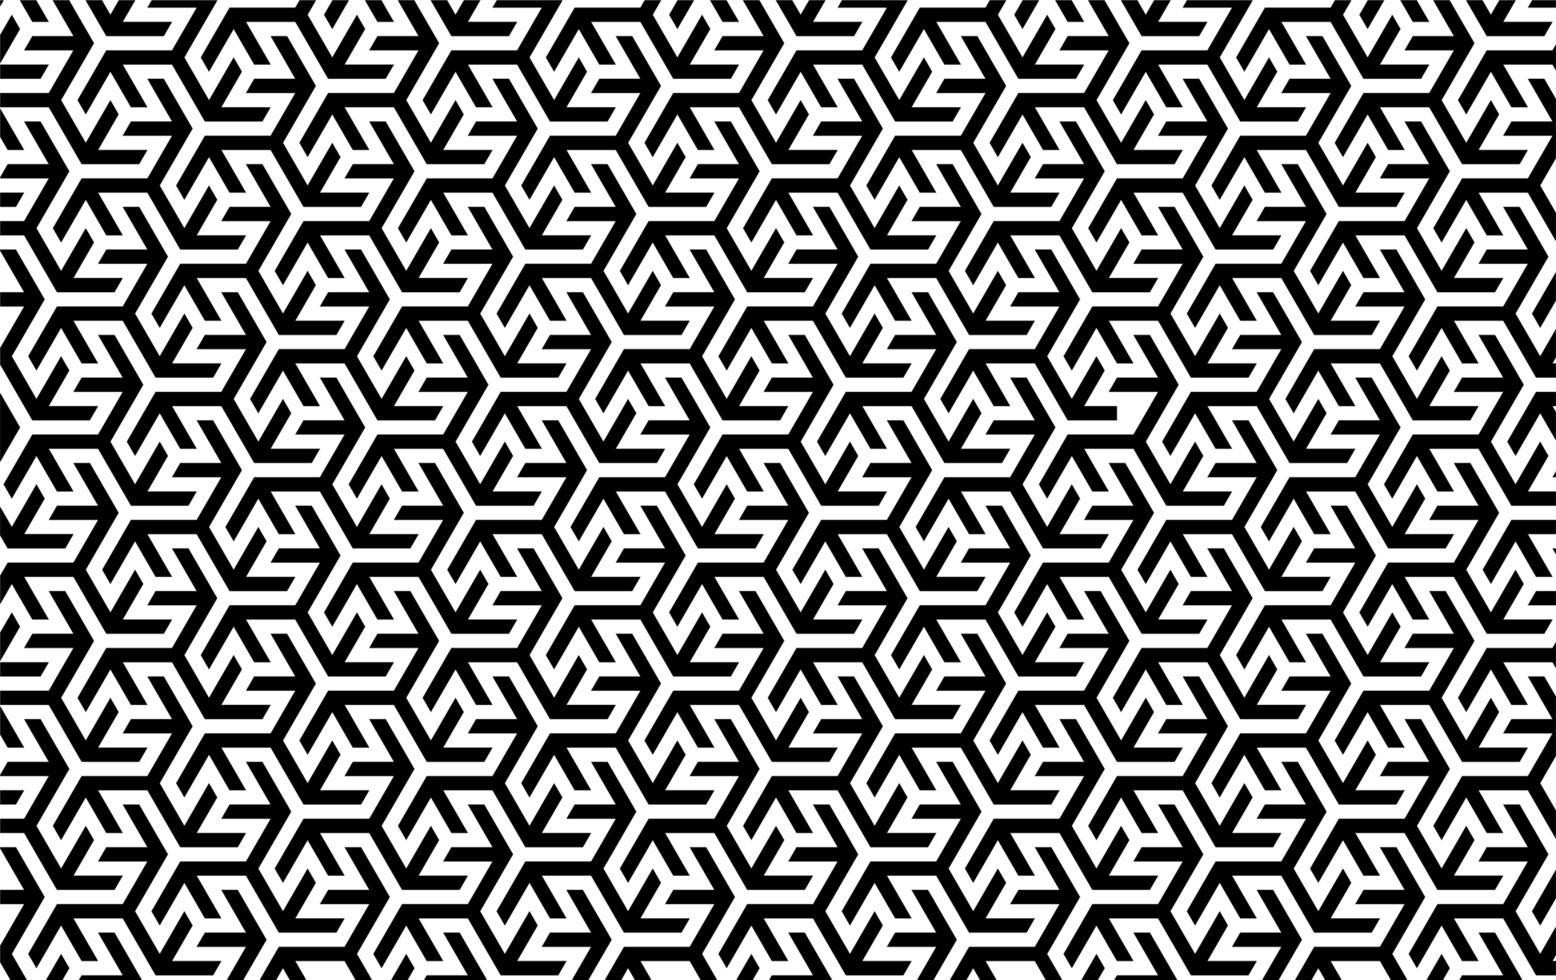 ineinandergreifendes geometrisches Schwarzweiss-Muster vektor